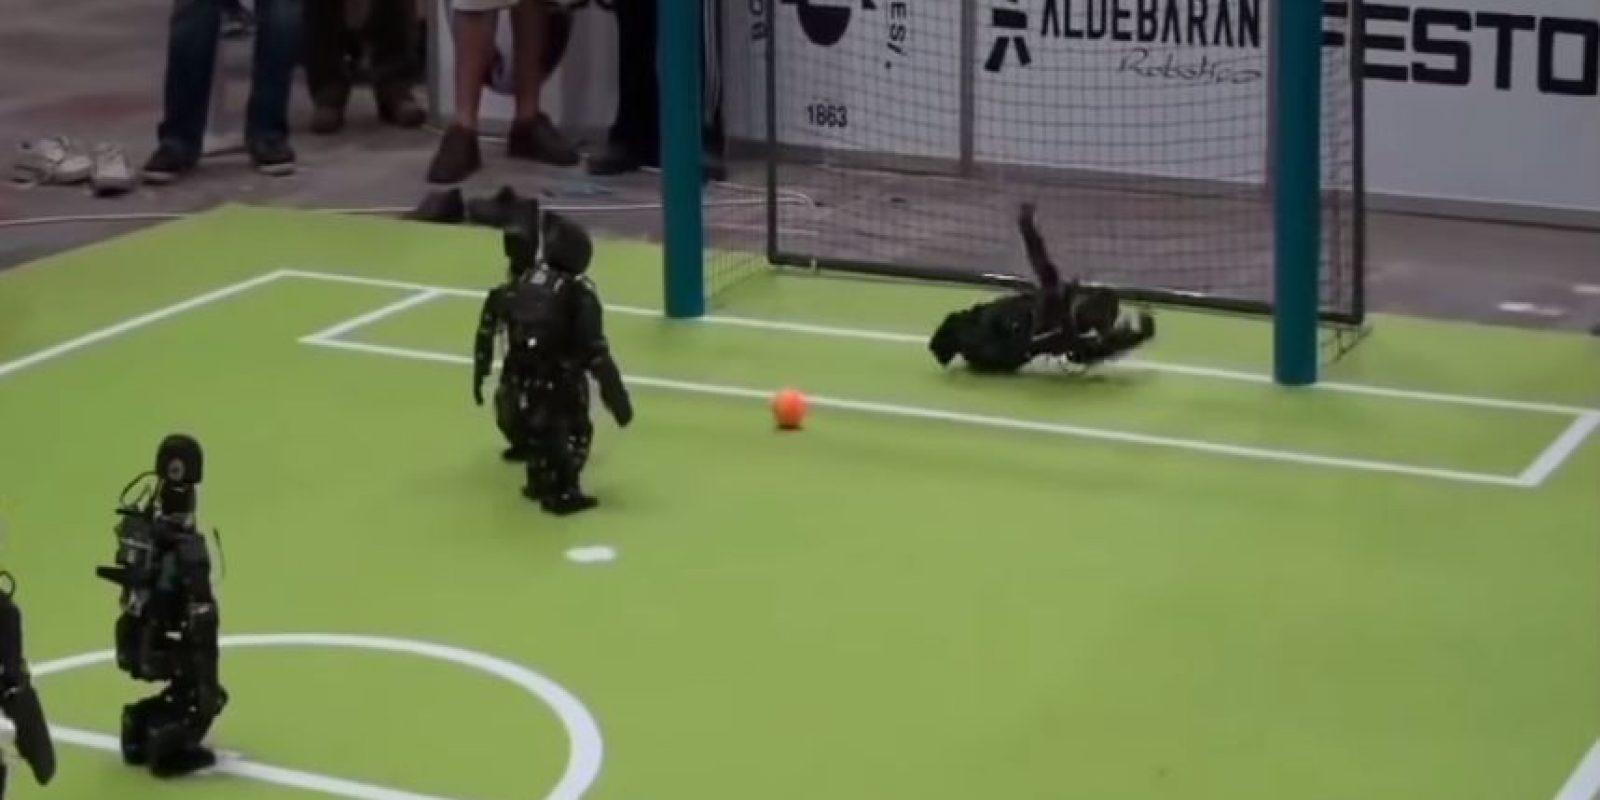 El portero robótico se vence antes de tiempo Foto:Youtube/Master Haku